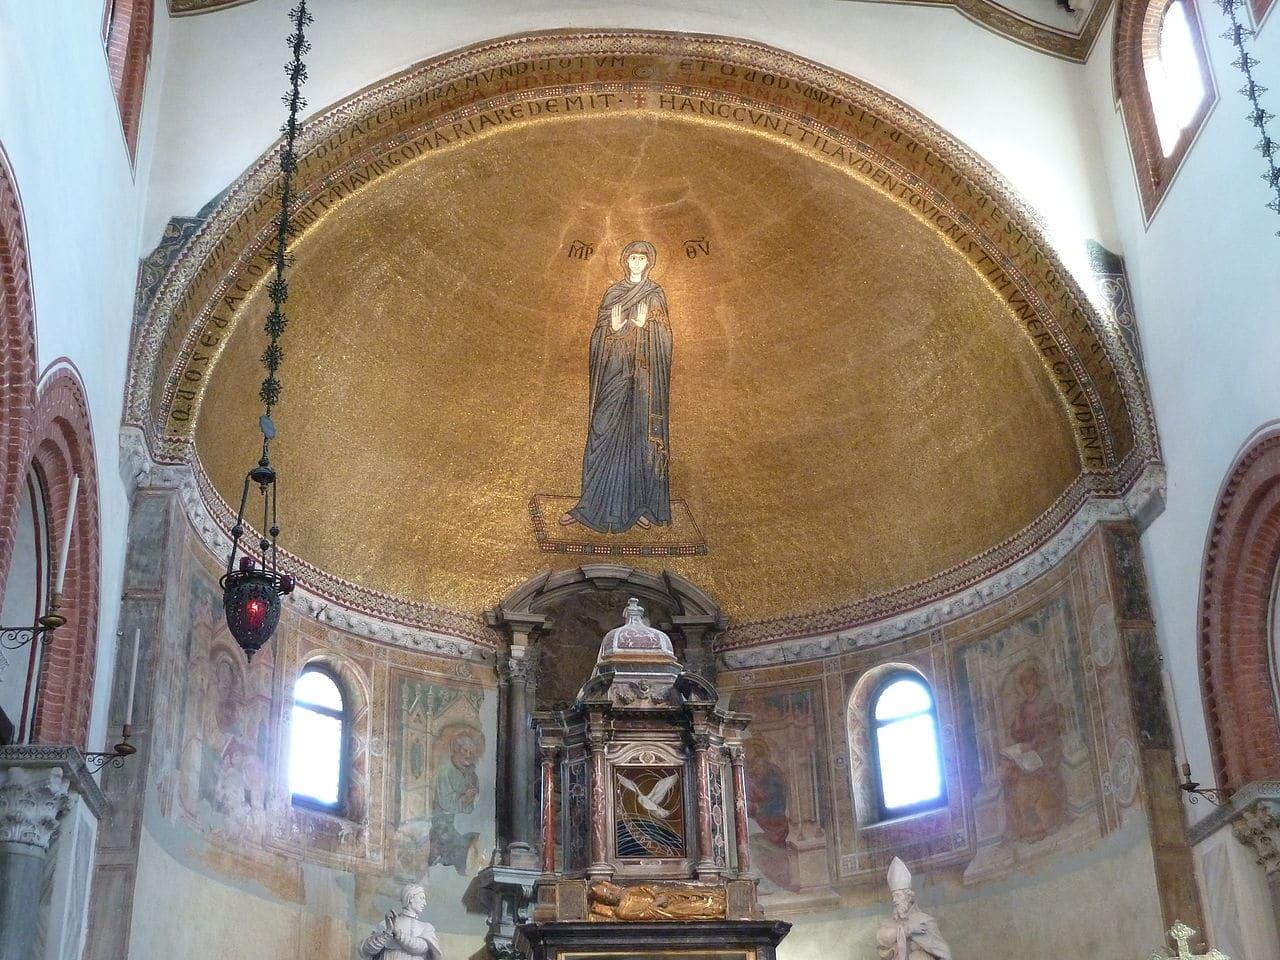 Interiorul Bisericii Sfinților Maria și Donato din Murano